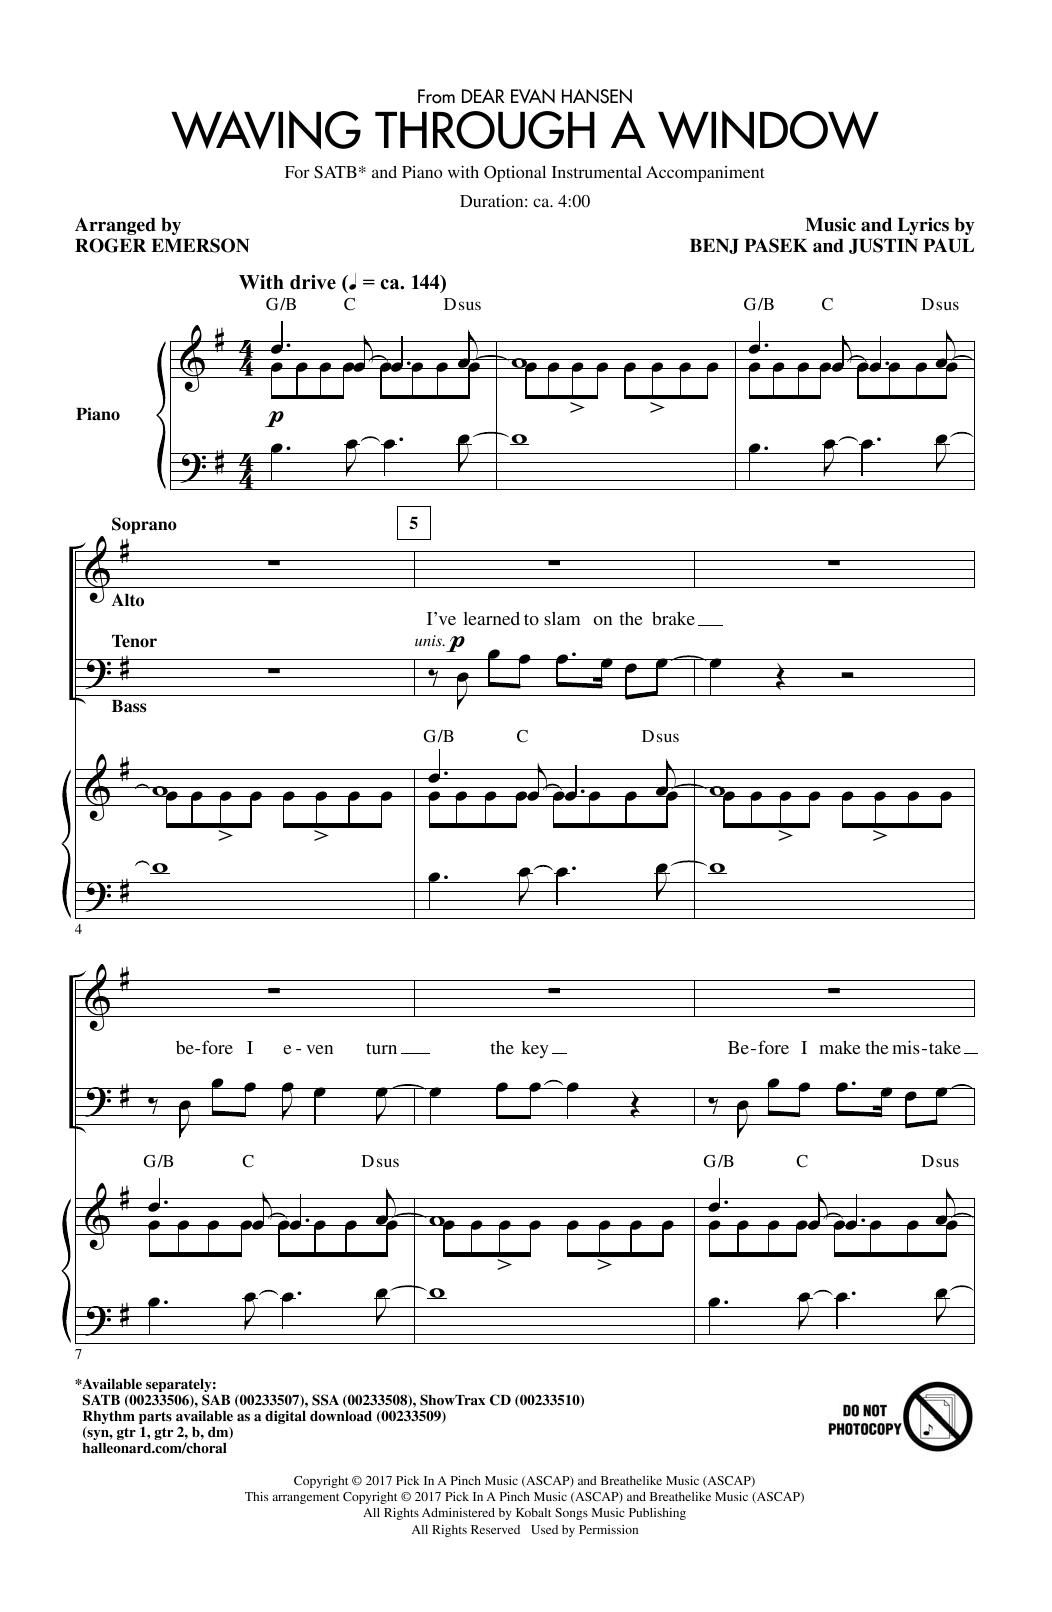 Waving Through A Window (from Dear Evan Hansen) (arr. Roger Emerson) Sheet Music